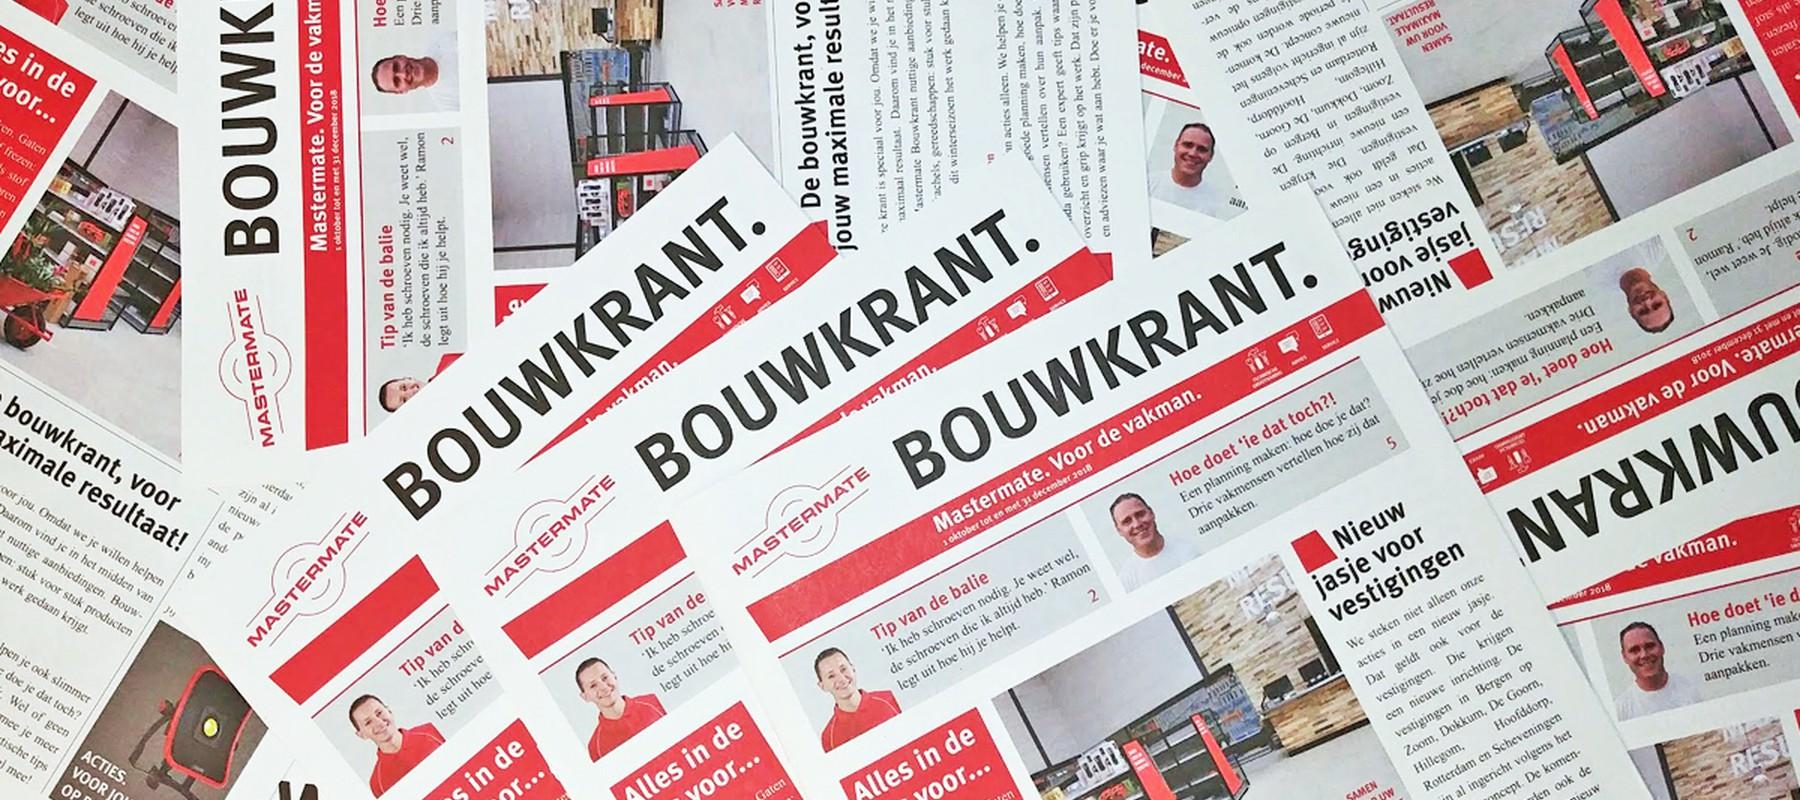 Nieuw: Mastermate Bouwkrant. Voor de vakman.